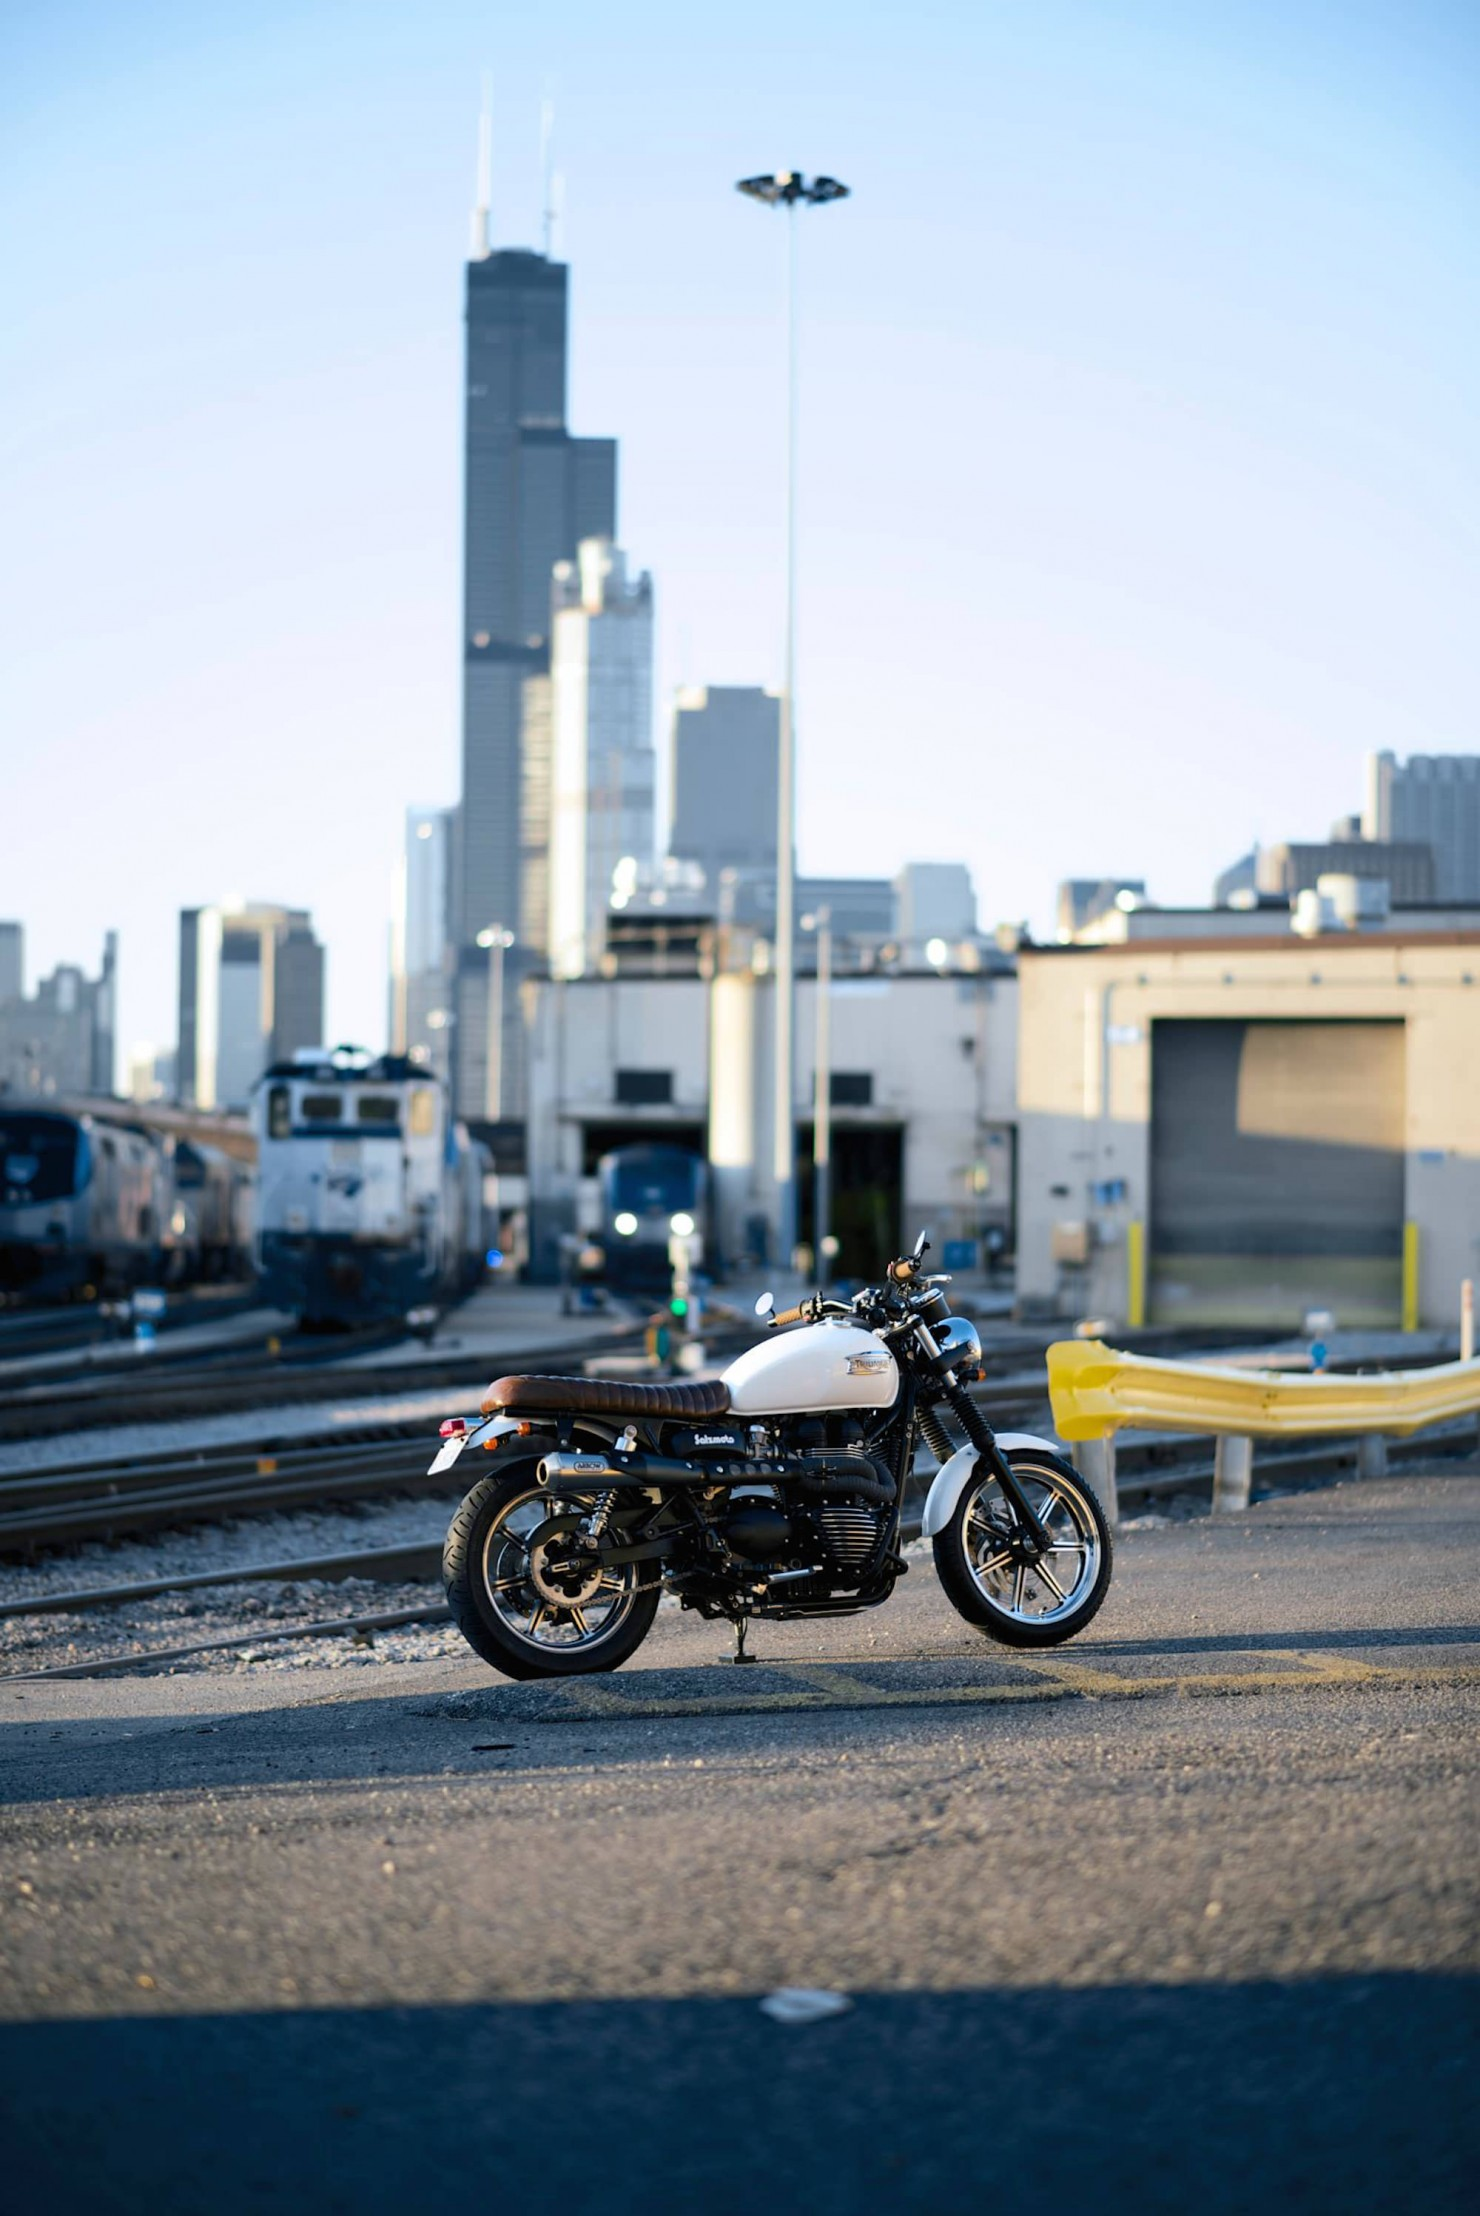 Triumph_Bonneville_Motorcycle_9